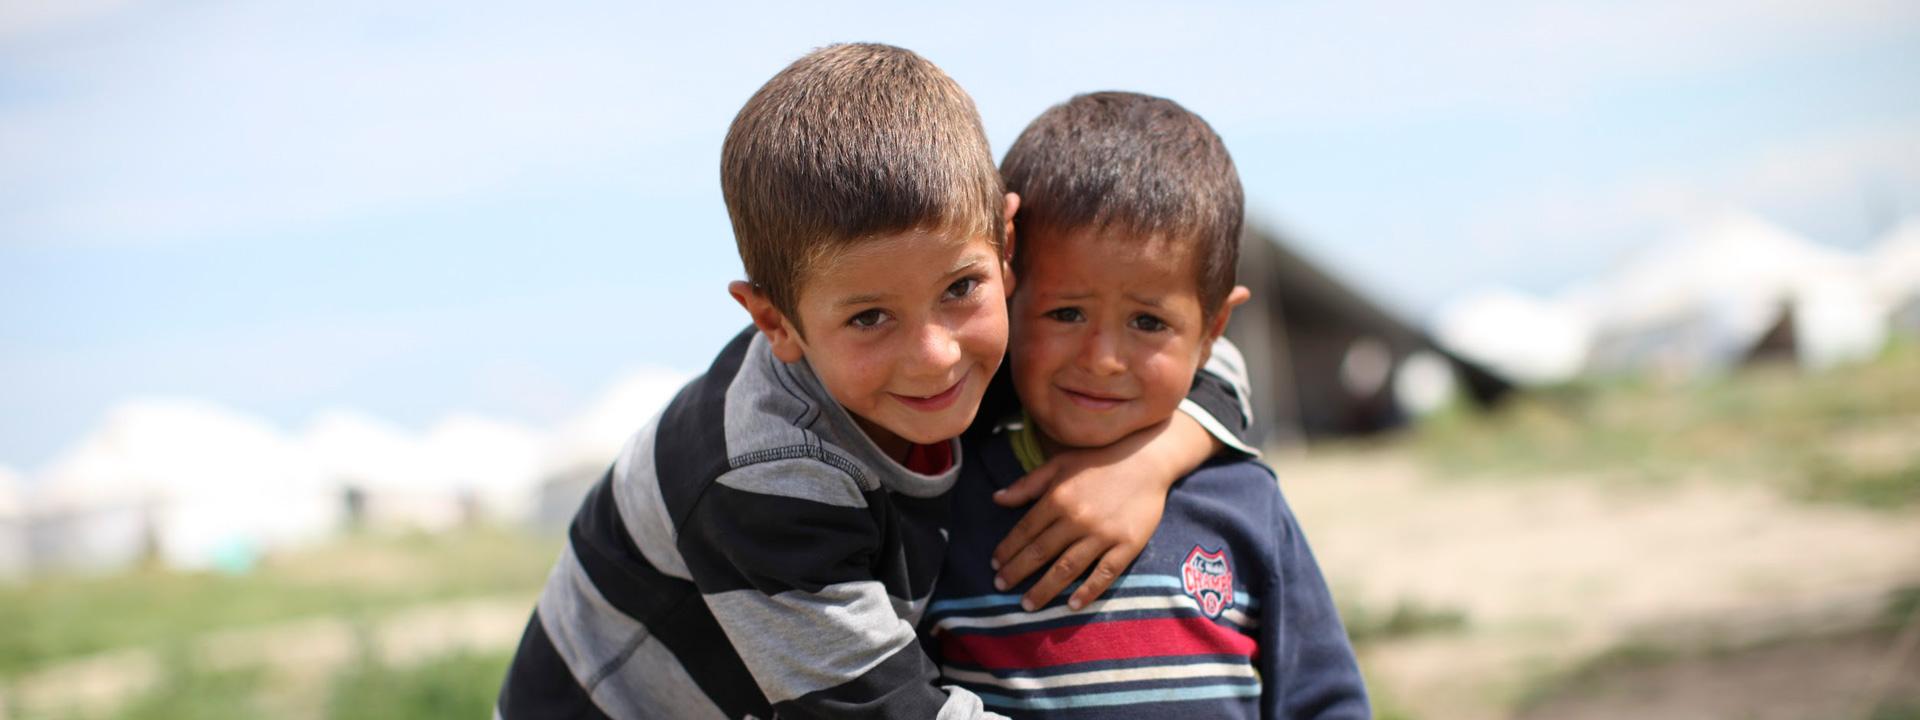 Foto: zwei Flüchtlingskinder vor unscharf zu erkennenden Zelten